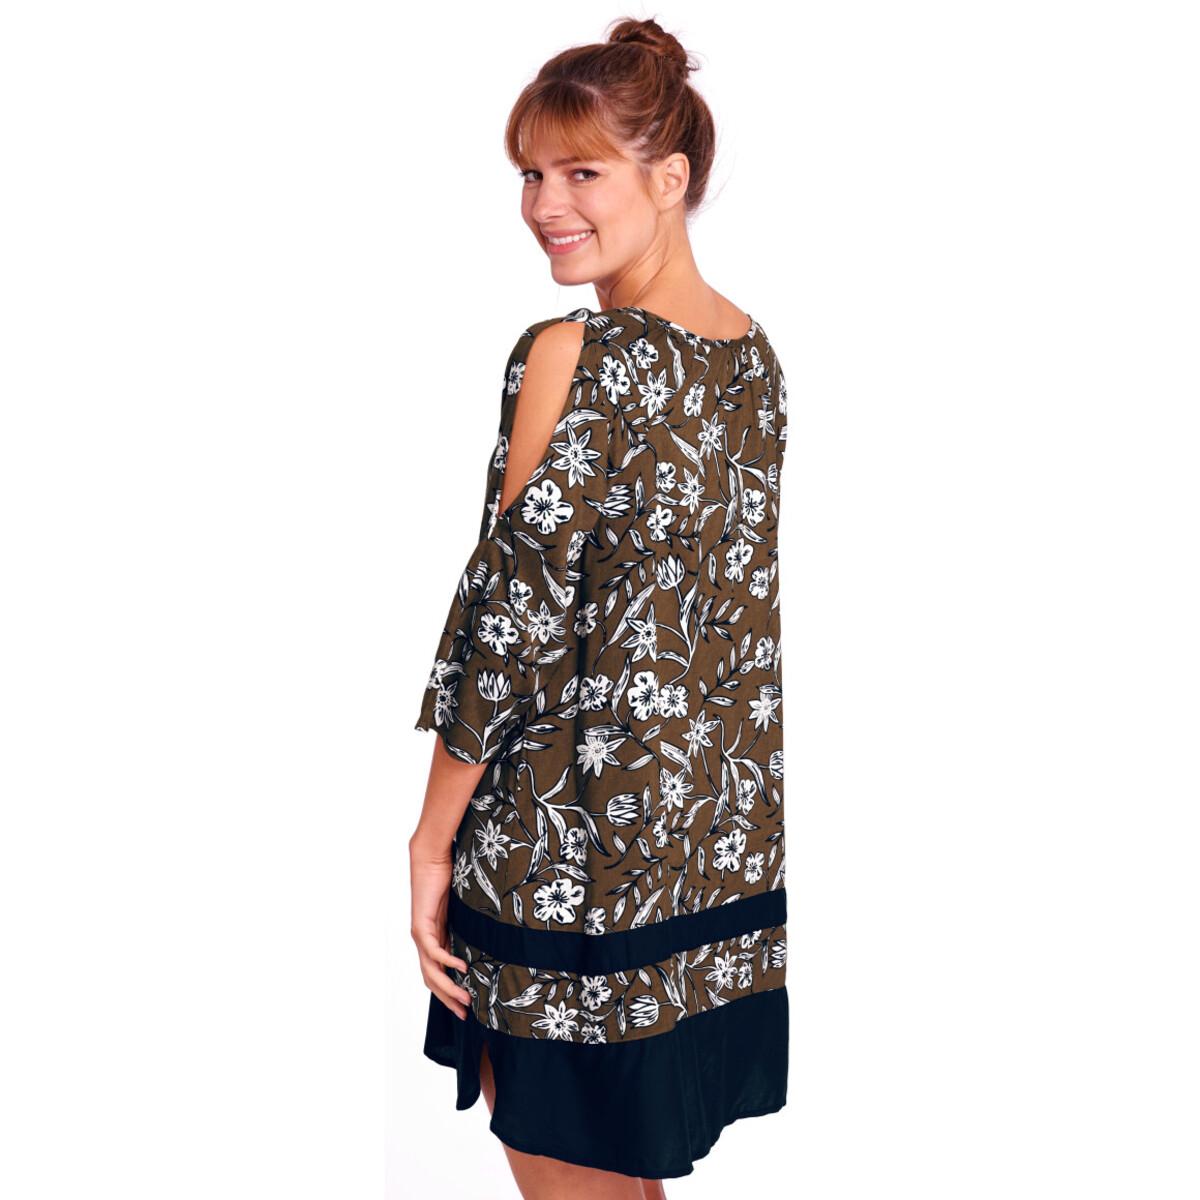 Bild 3 von Damen Kleid mit Allover-Print